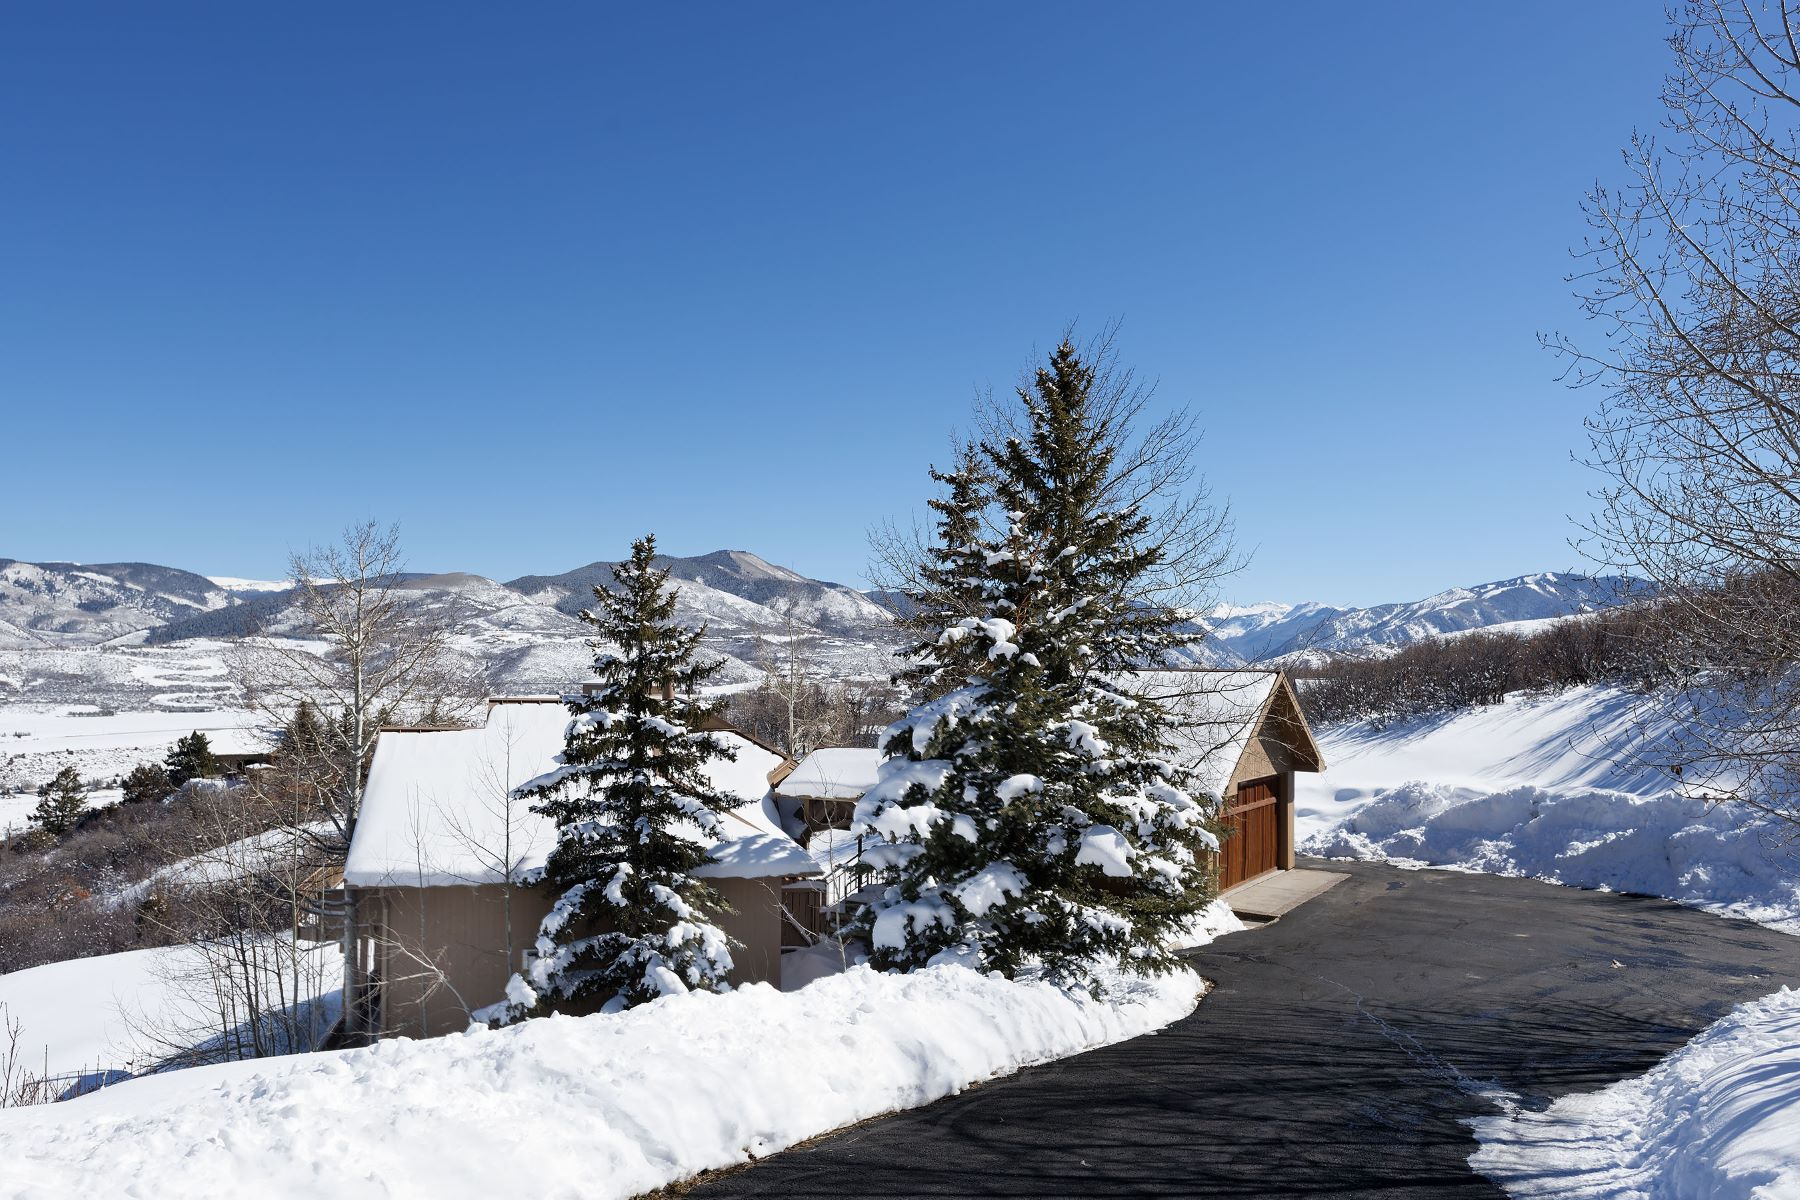 Частный односемейный дом для того Продажа на Sea Colors Rev Trust 1684 Medicine Bow Road, Aspen, Колорадо, 81611 Соединенные Штаты